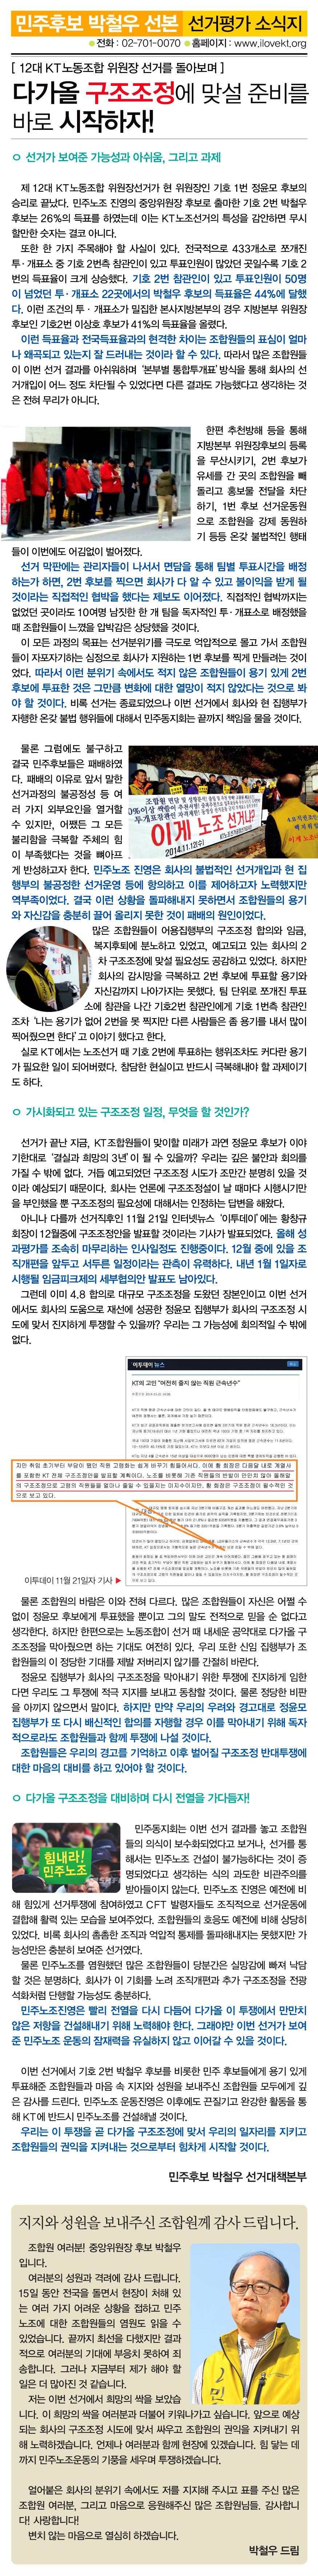 선거평가_소식지.jpg